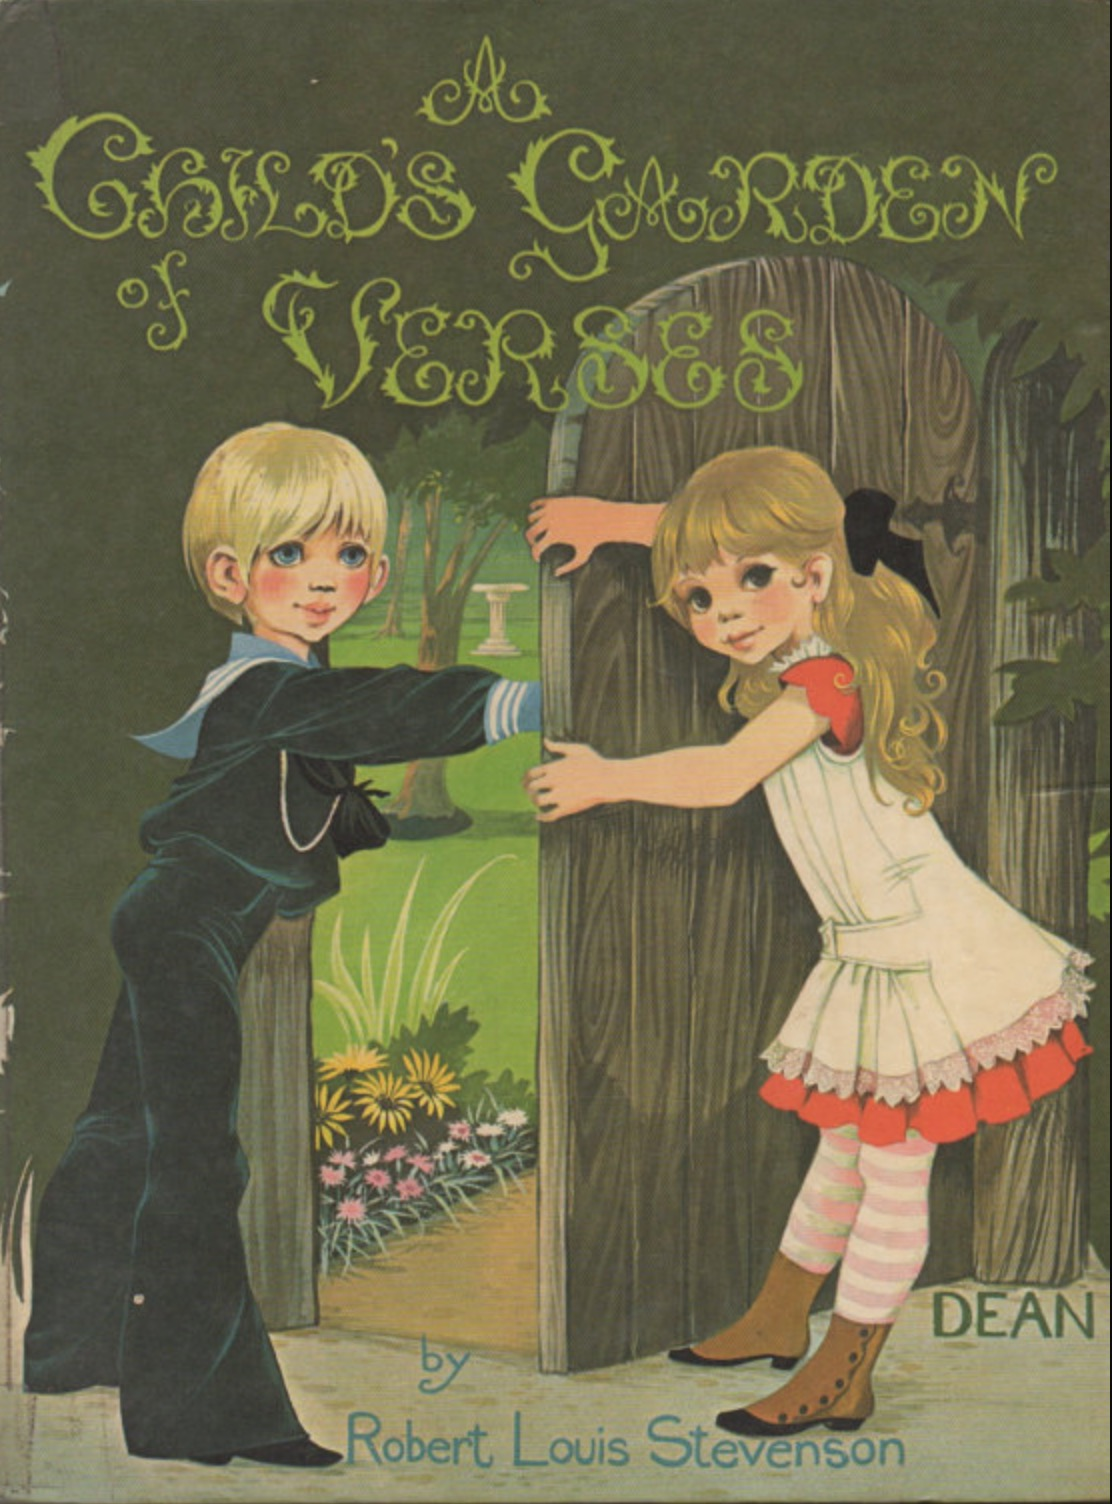 Janet Anne Grahame Johnstone Robert Louis Stevenson A Childs Garden of Verses